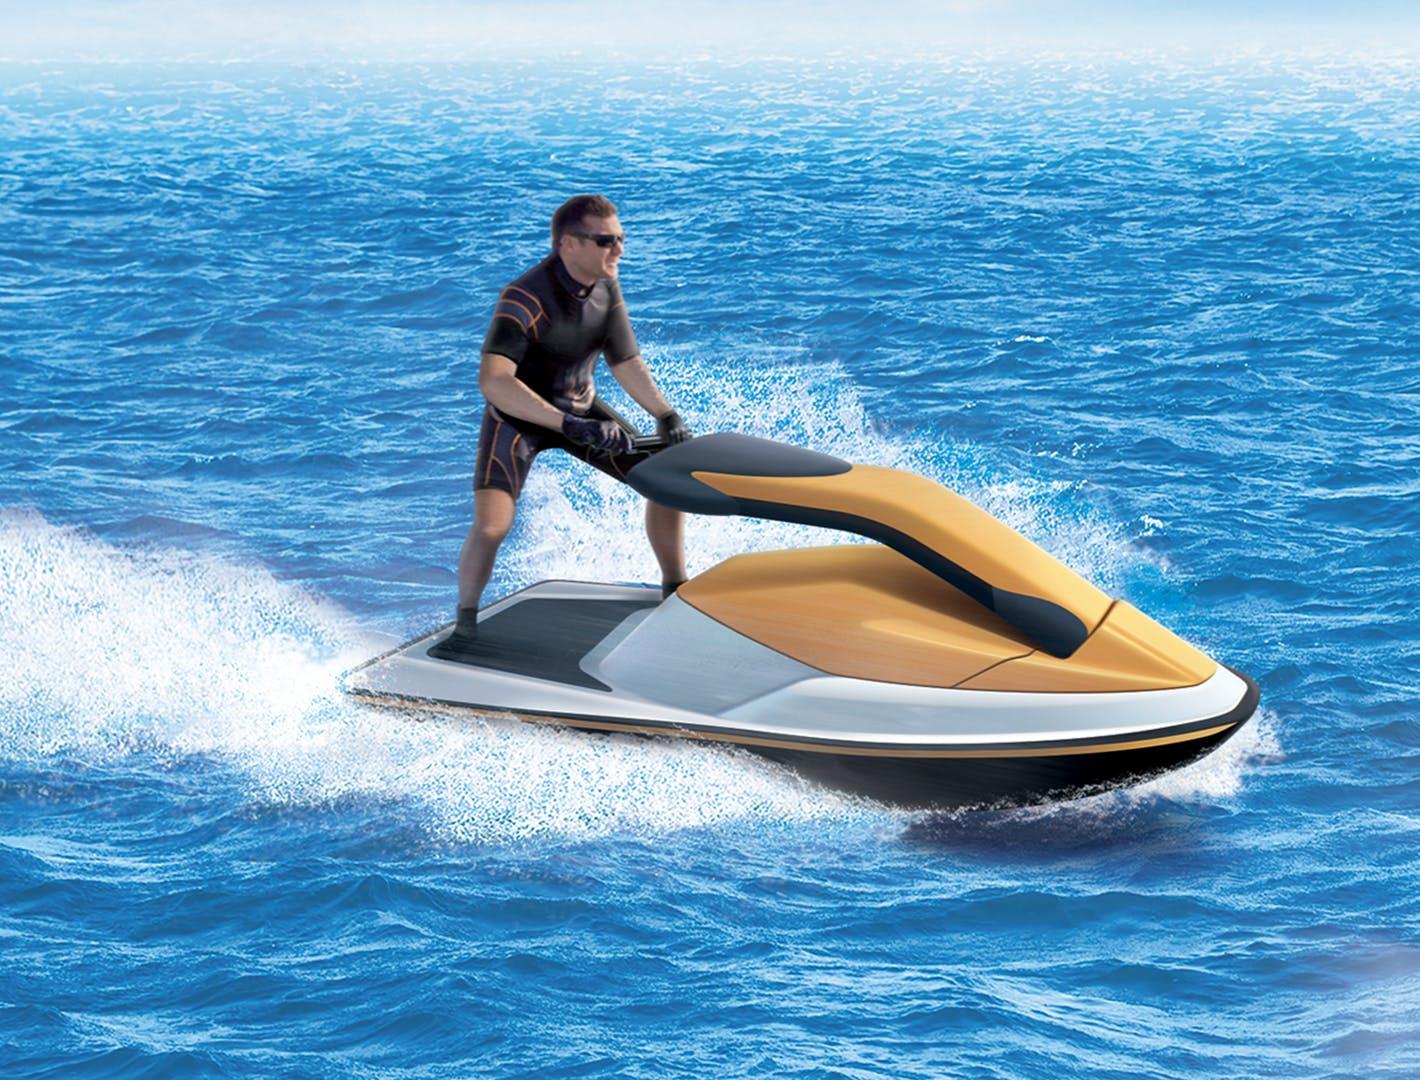 jet ski 2 temps sur l'eau